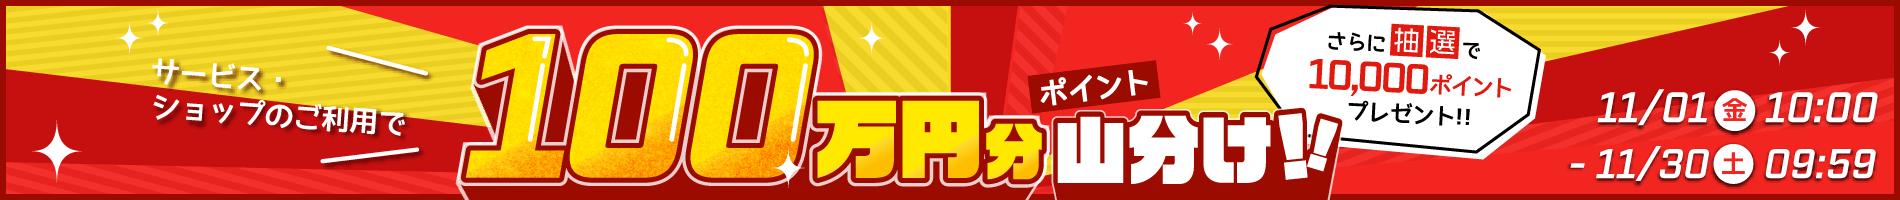 100万円山分け!2周年キャンペーン